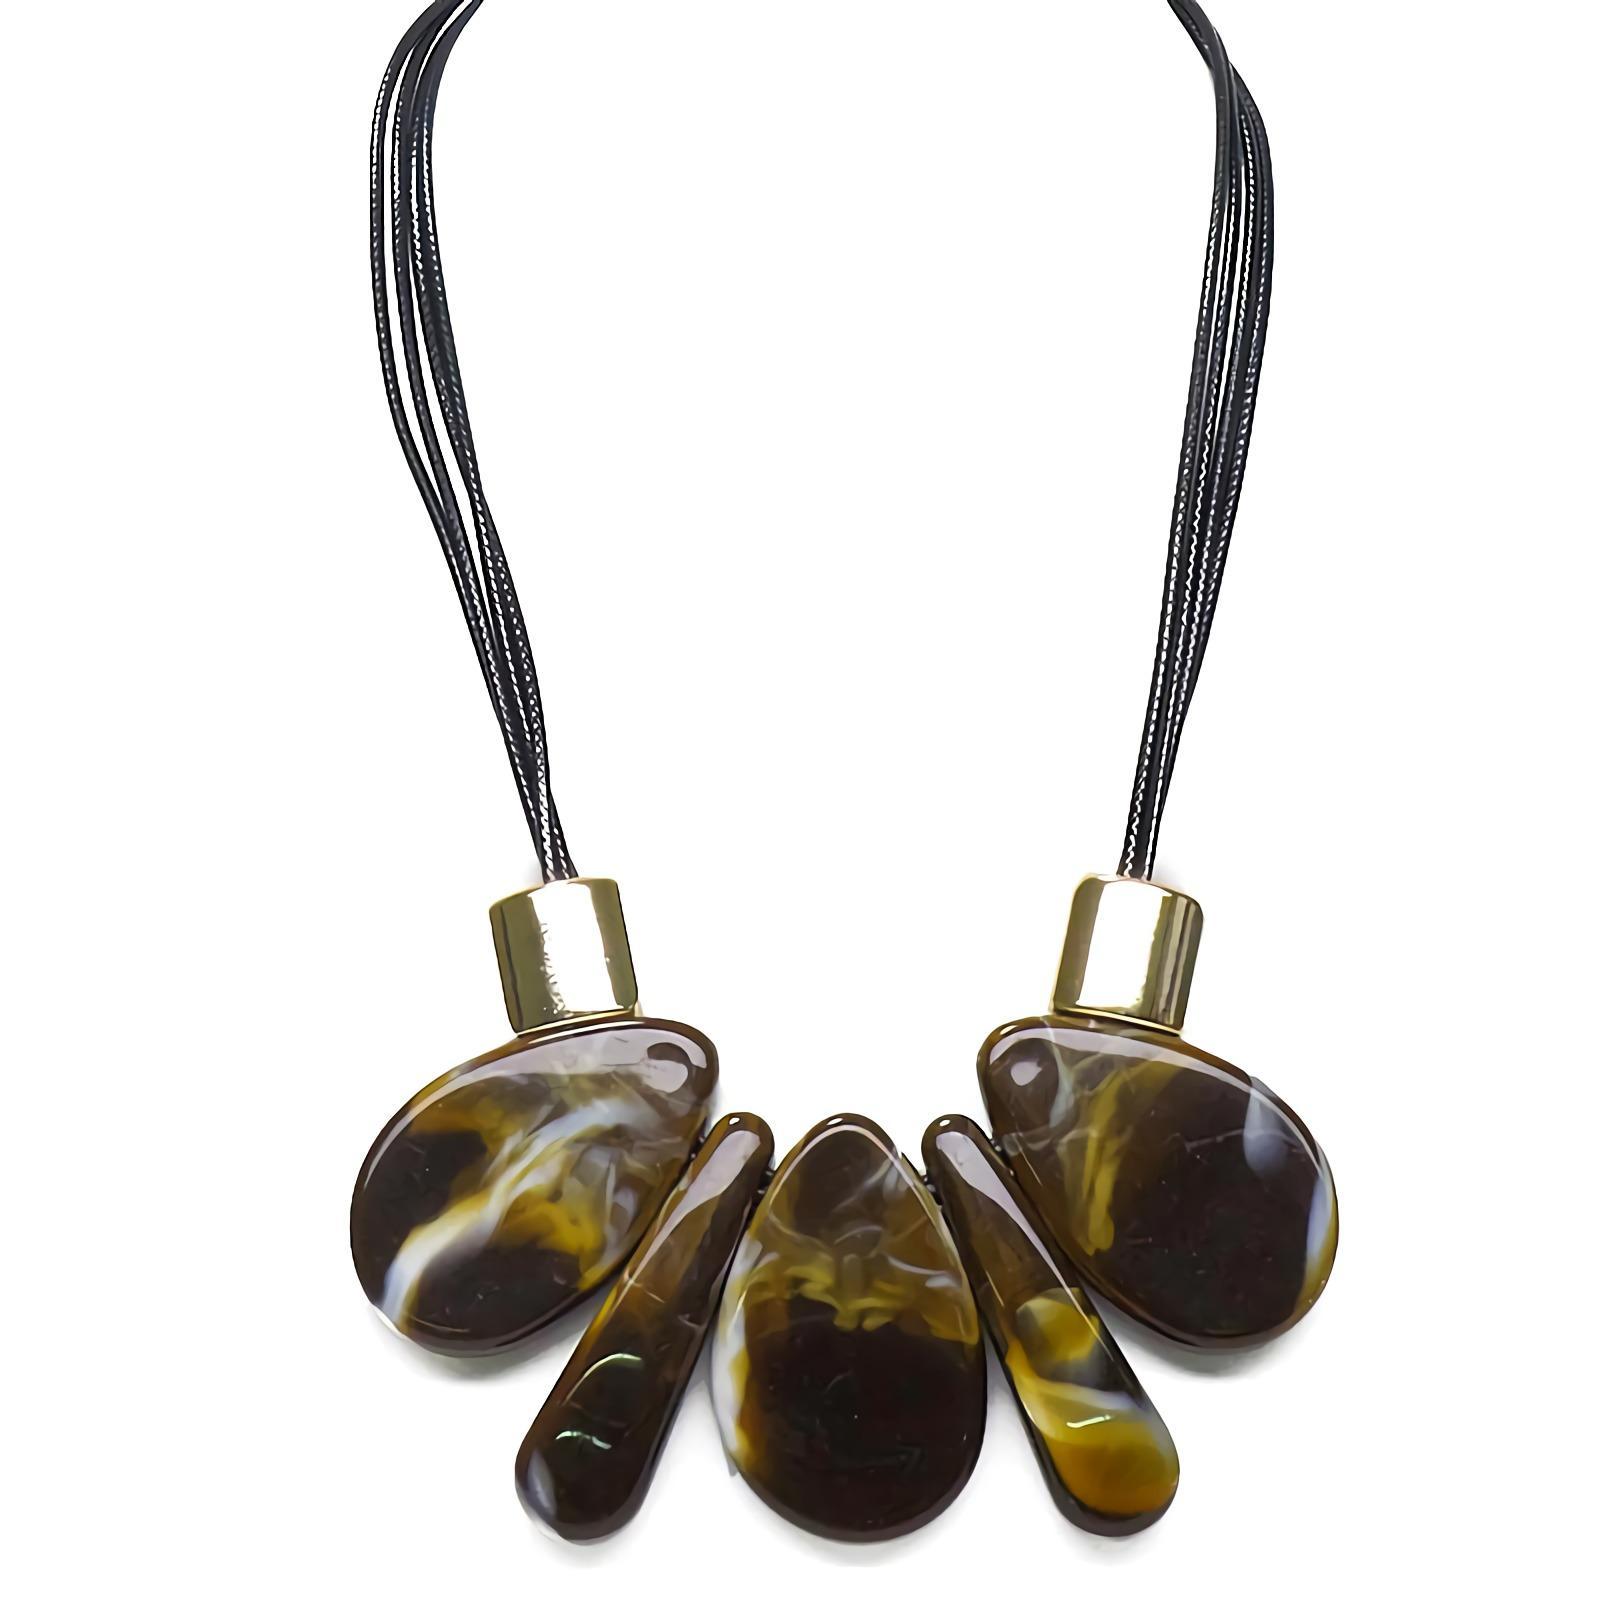 OFASHION Aksesoris Kalung CA-180314-K011 Necklace Fashion Xuping Jewelry Hitam Coklat